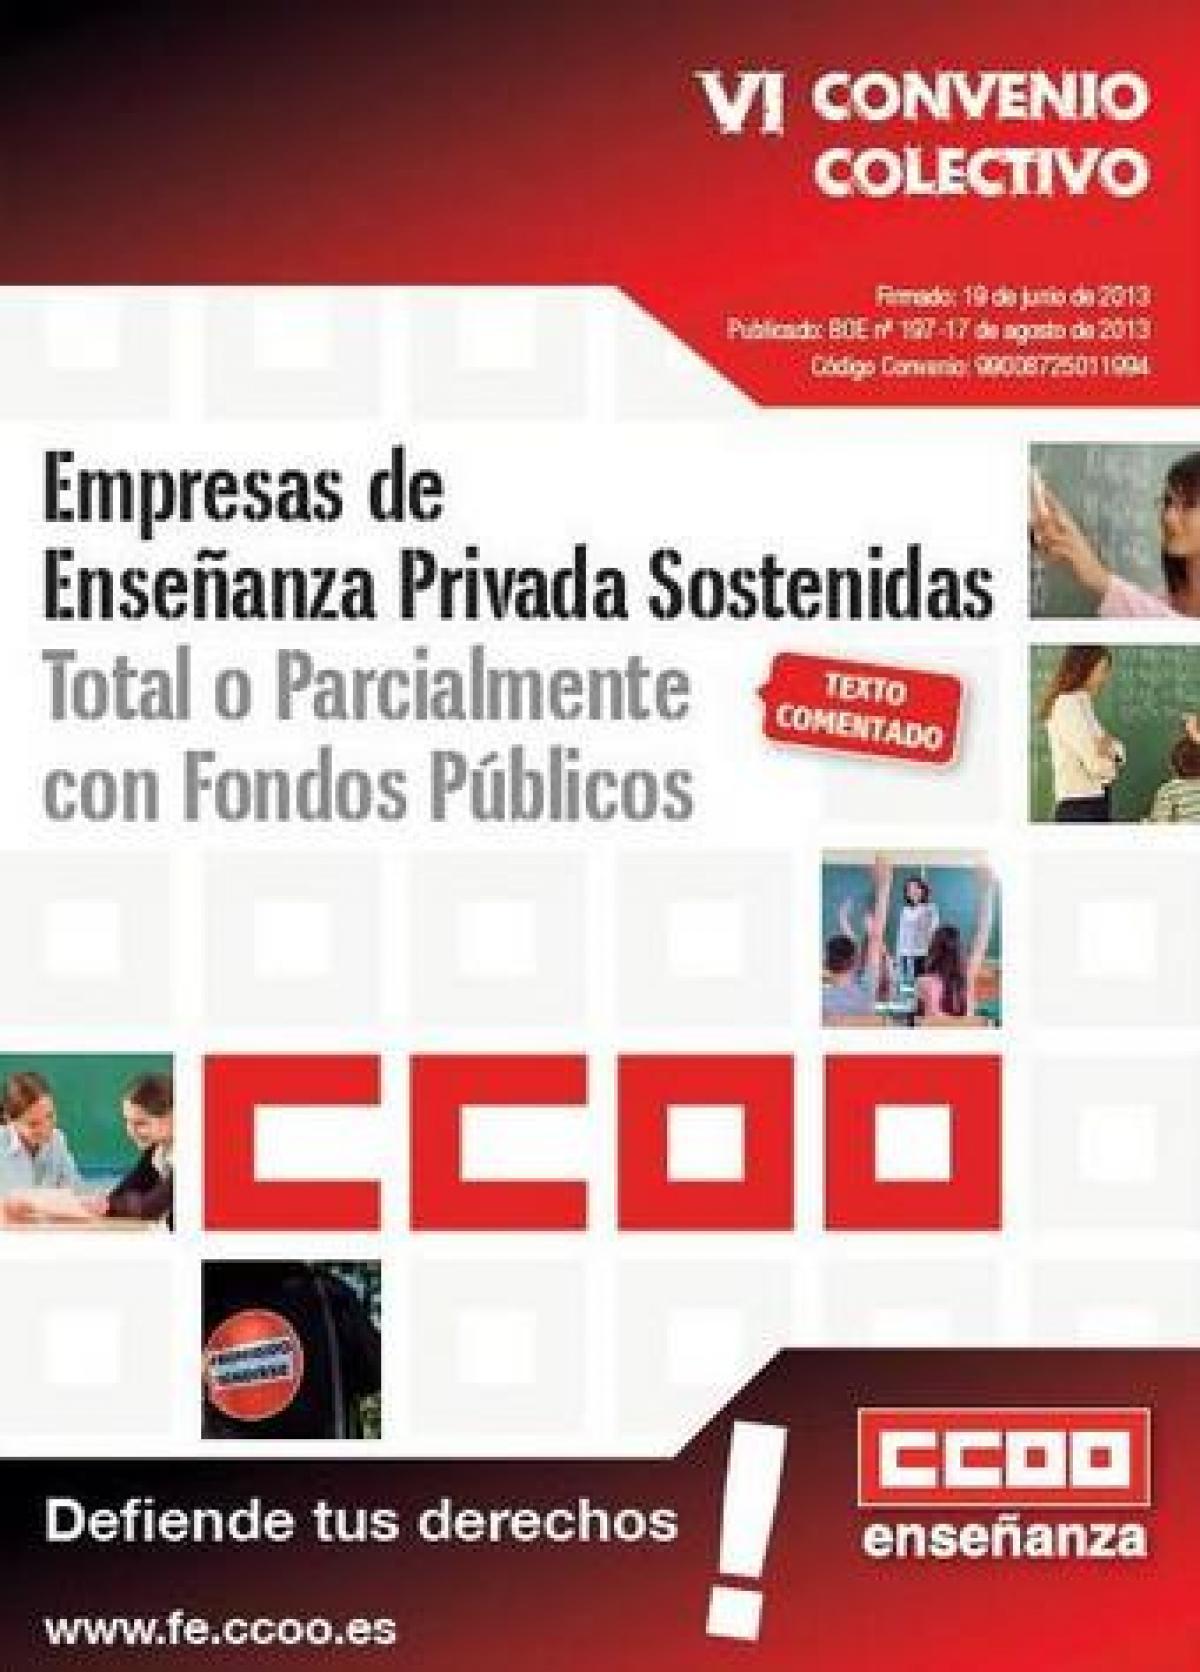 VI Convenio Colectivo de Empresas de Enseñanza Privada Sostenidas Total o Parcialmente con Fondos Públicos